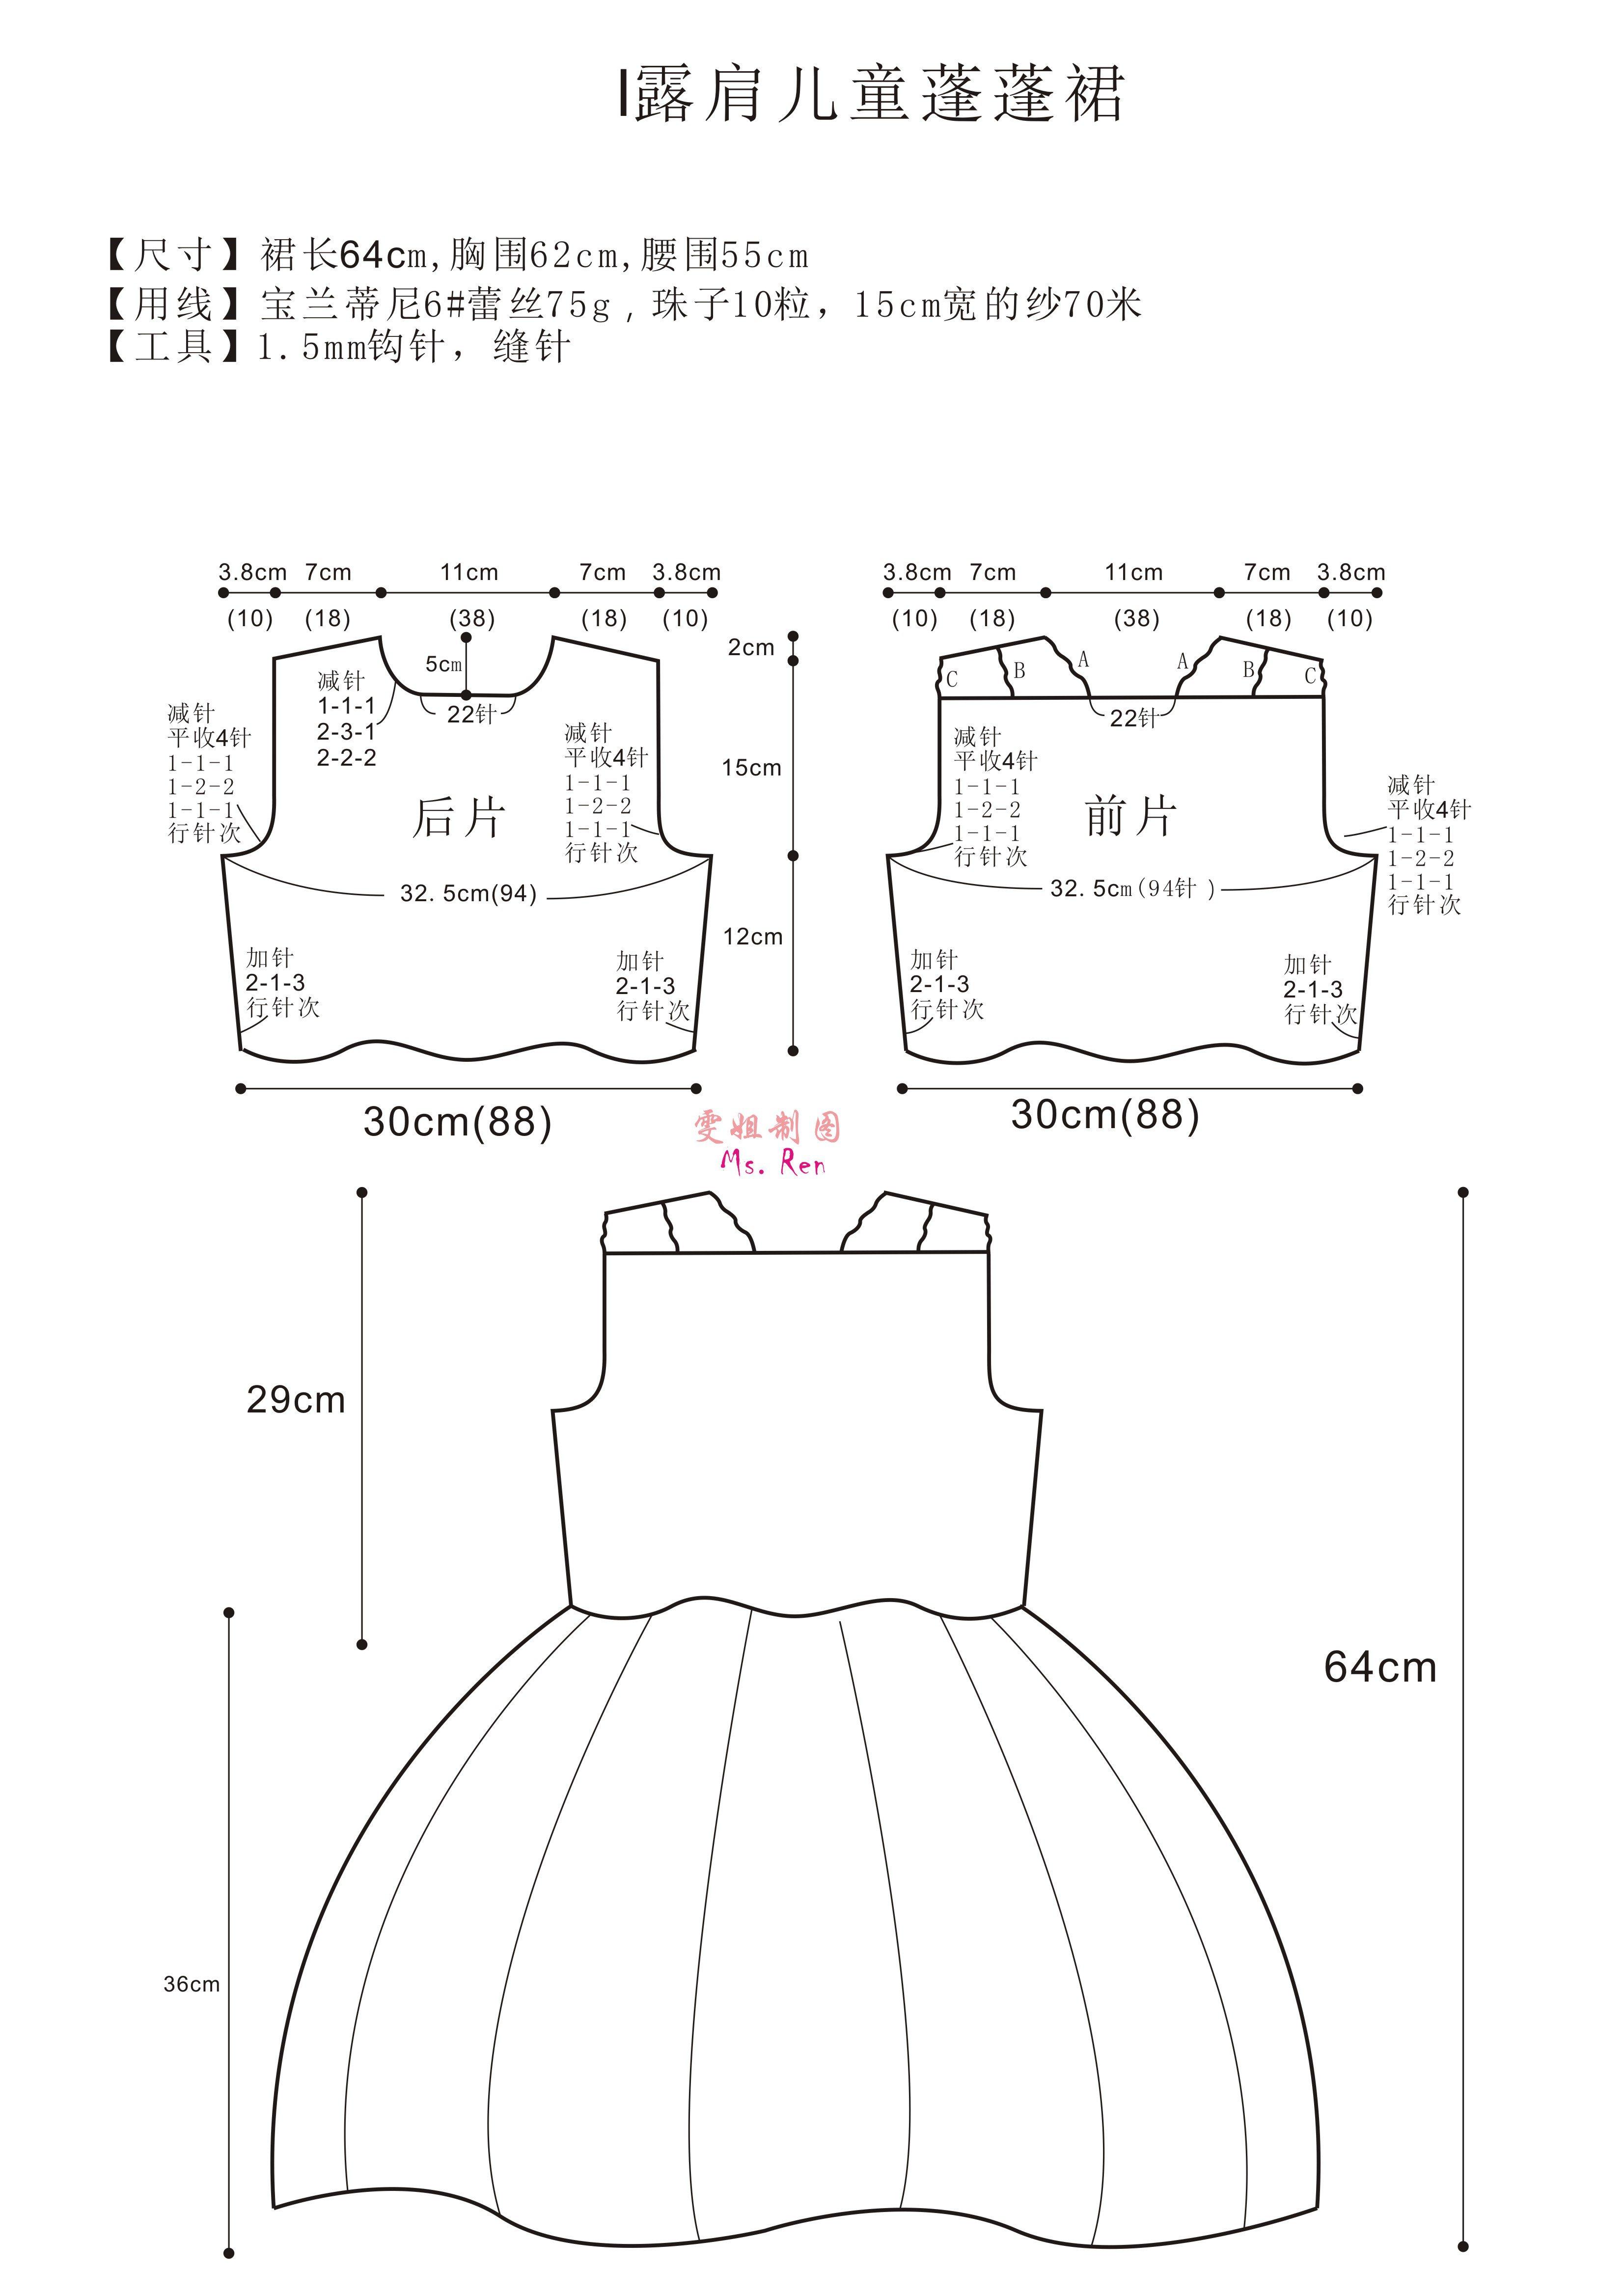 蓬蓬裙图解.jpg